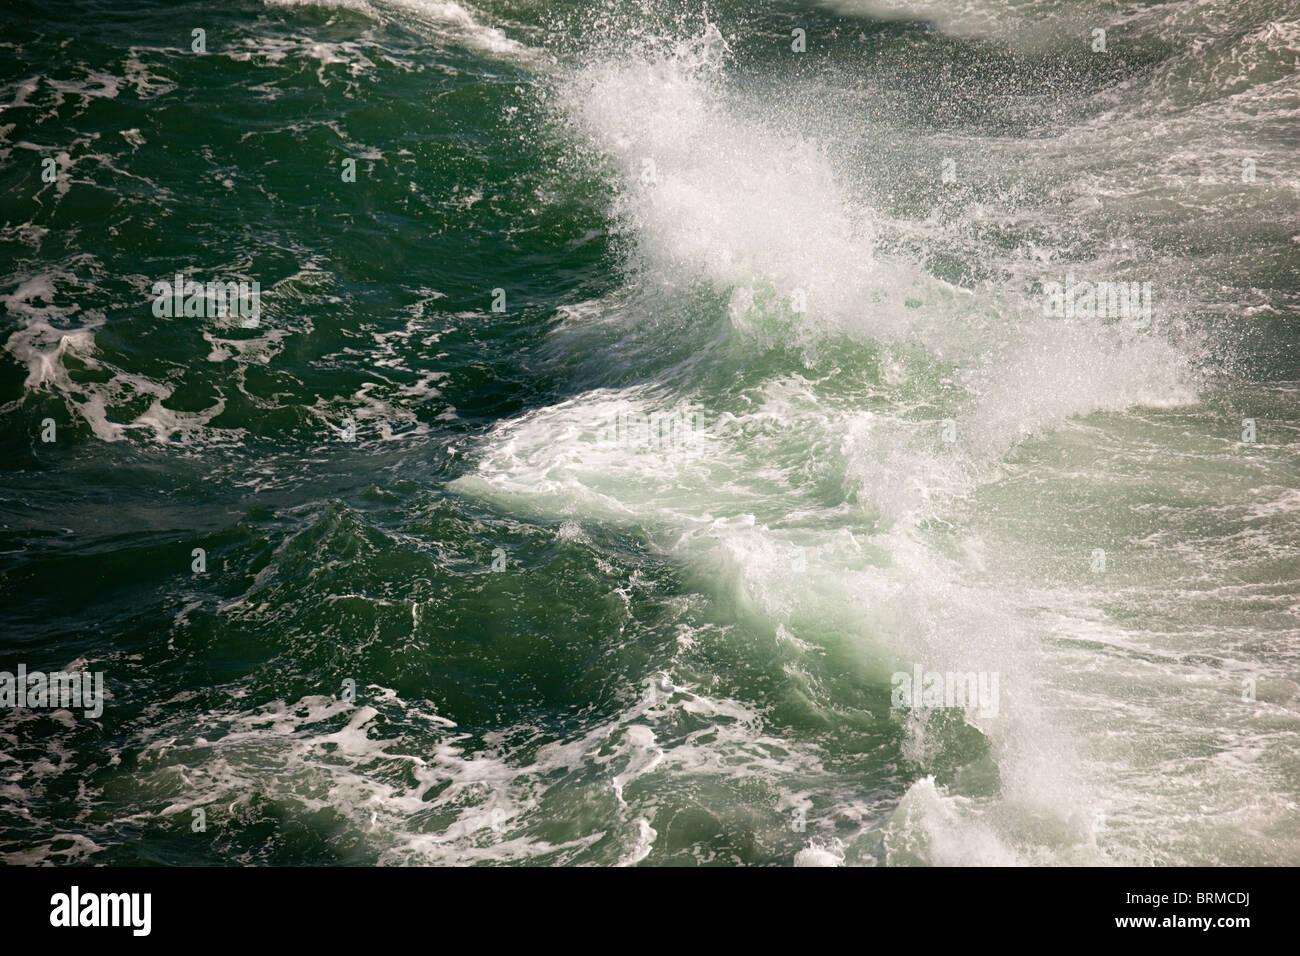 À partir de la pulvérisation de l'onde de rupture Photo Stock